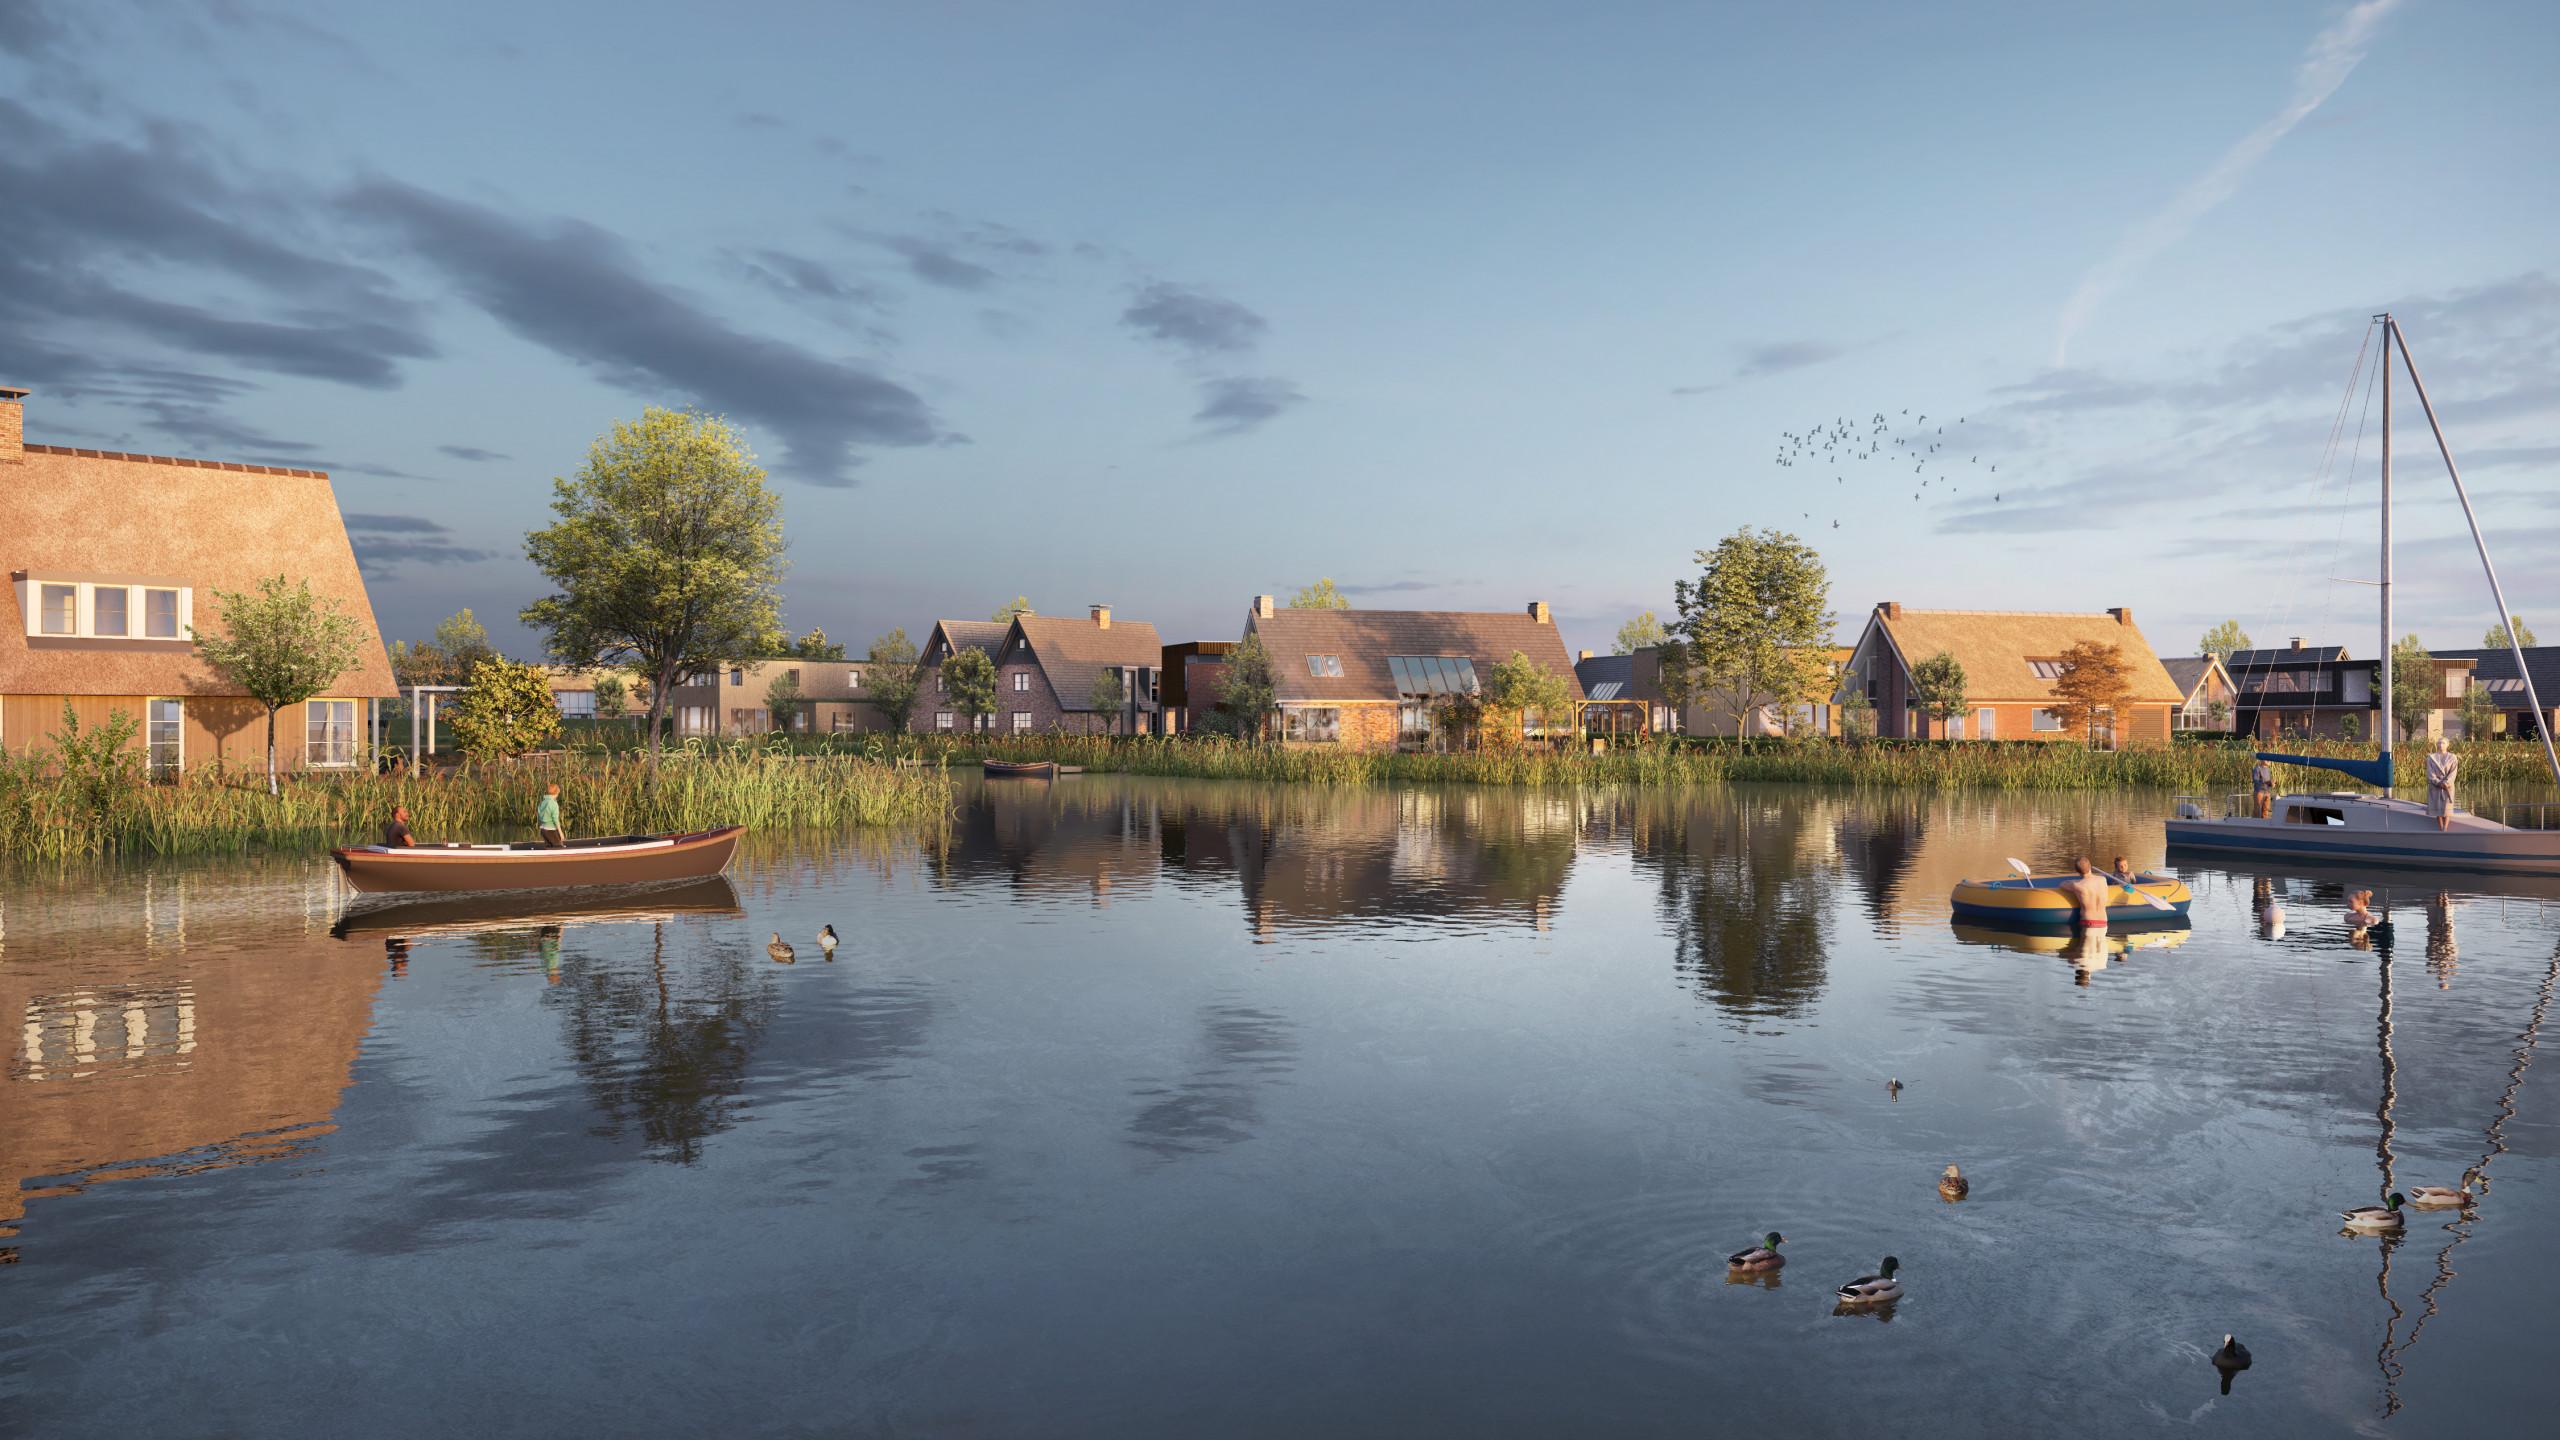 Beeldenfabriek - Meerstad - De Zeilen